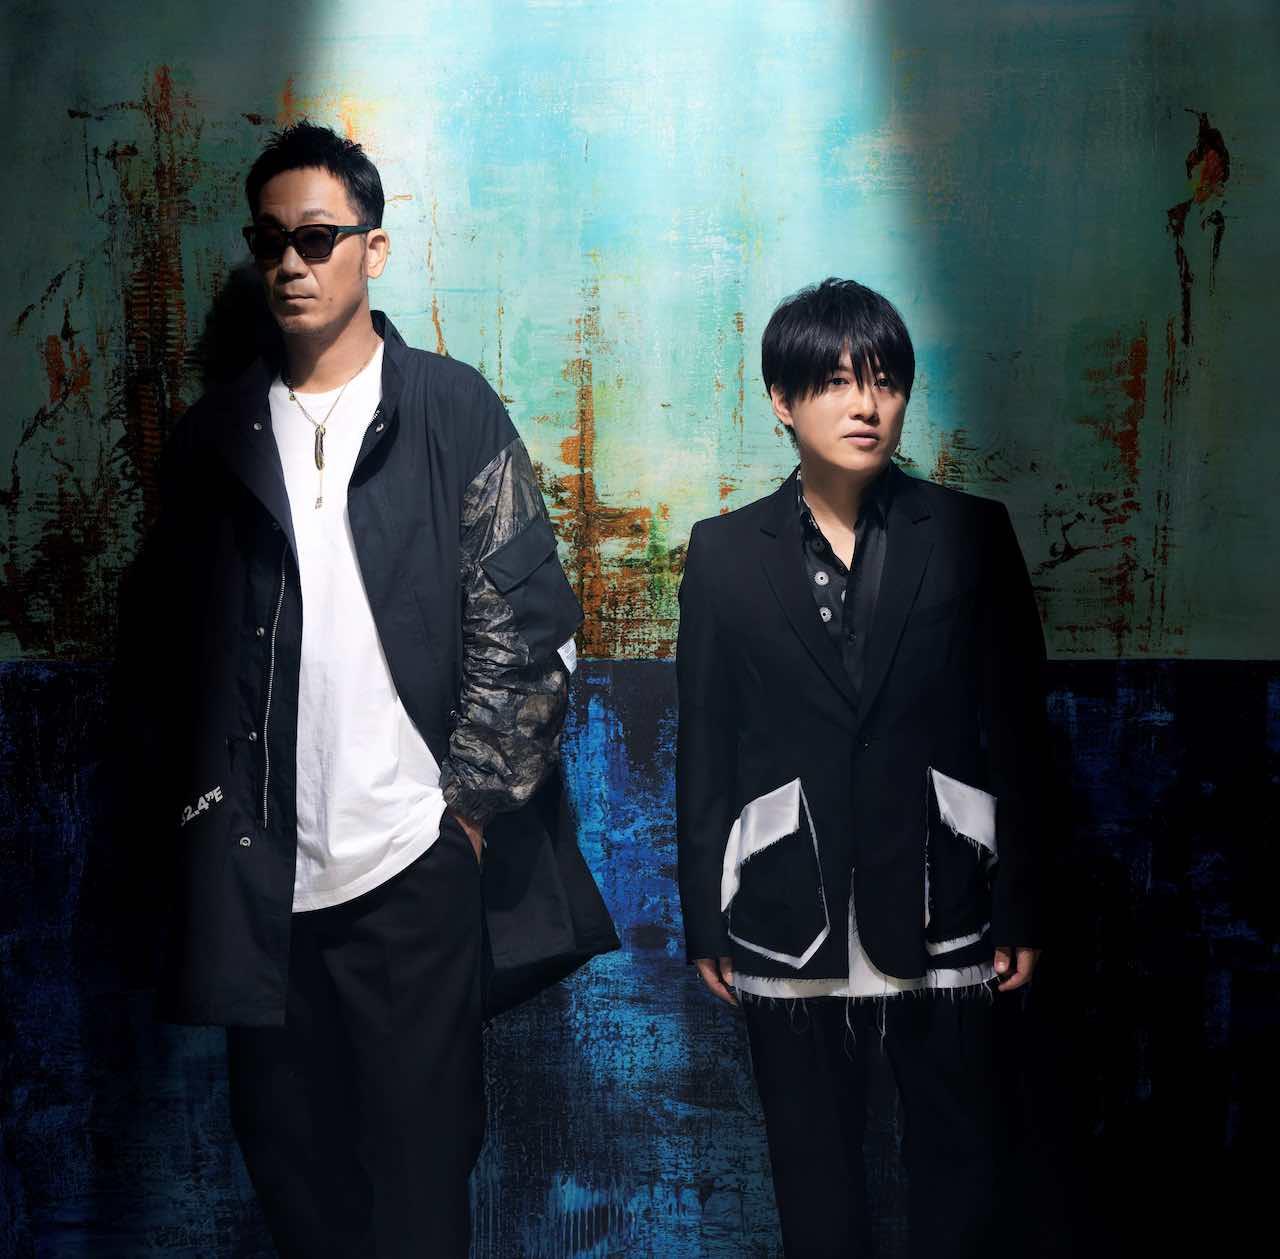 コブクロ、ニューシングル「両忘」発売決定!未発表の新曲を『スポヂカラ!』エンディングテーマに提供!